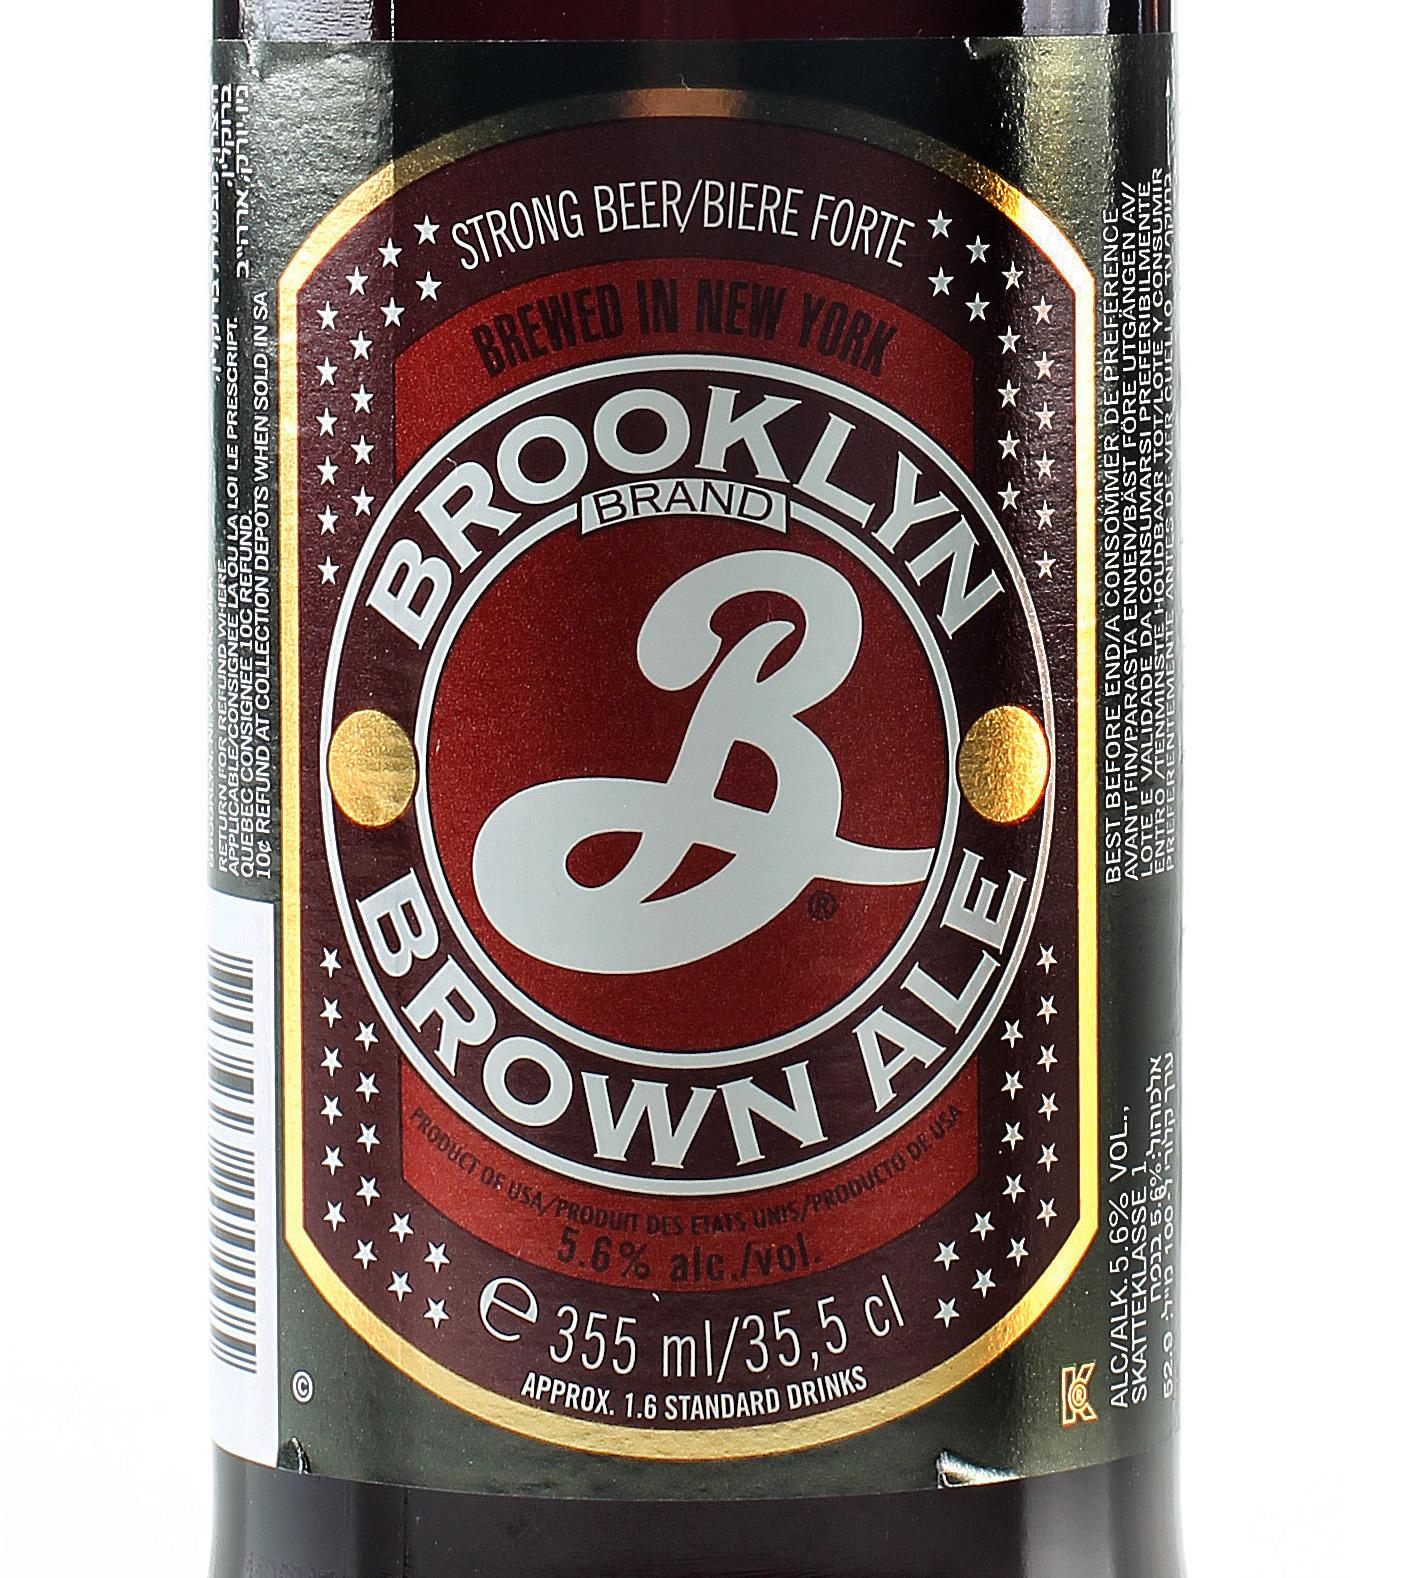 Brooklyn Brewery's Brooklyn Brown Ale